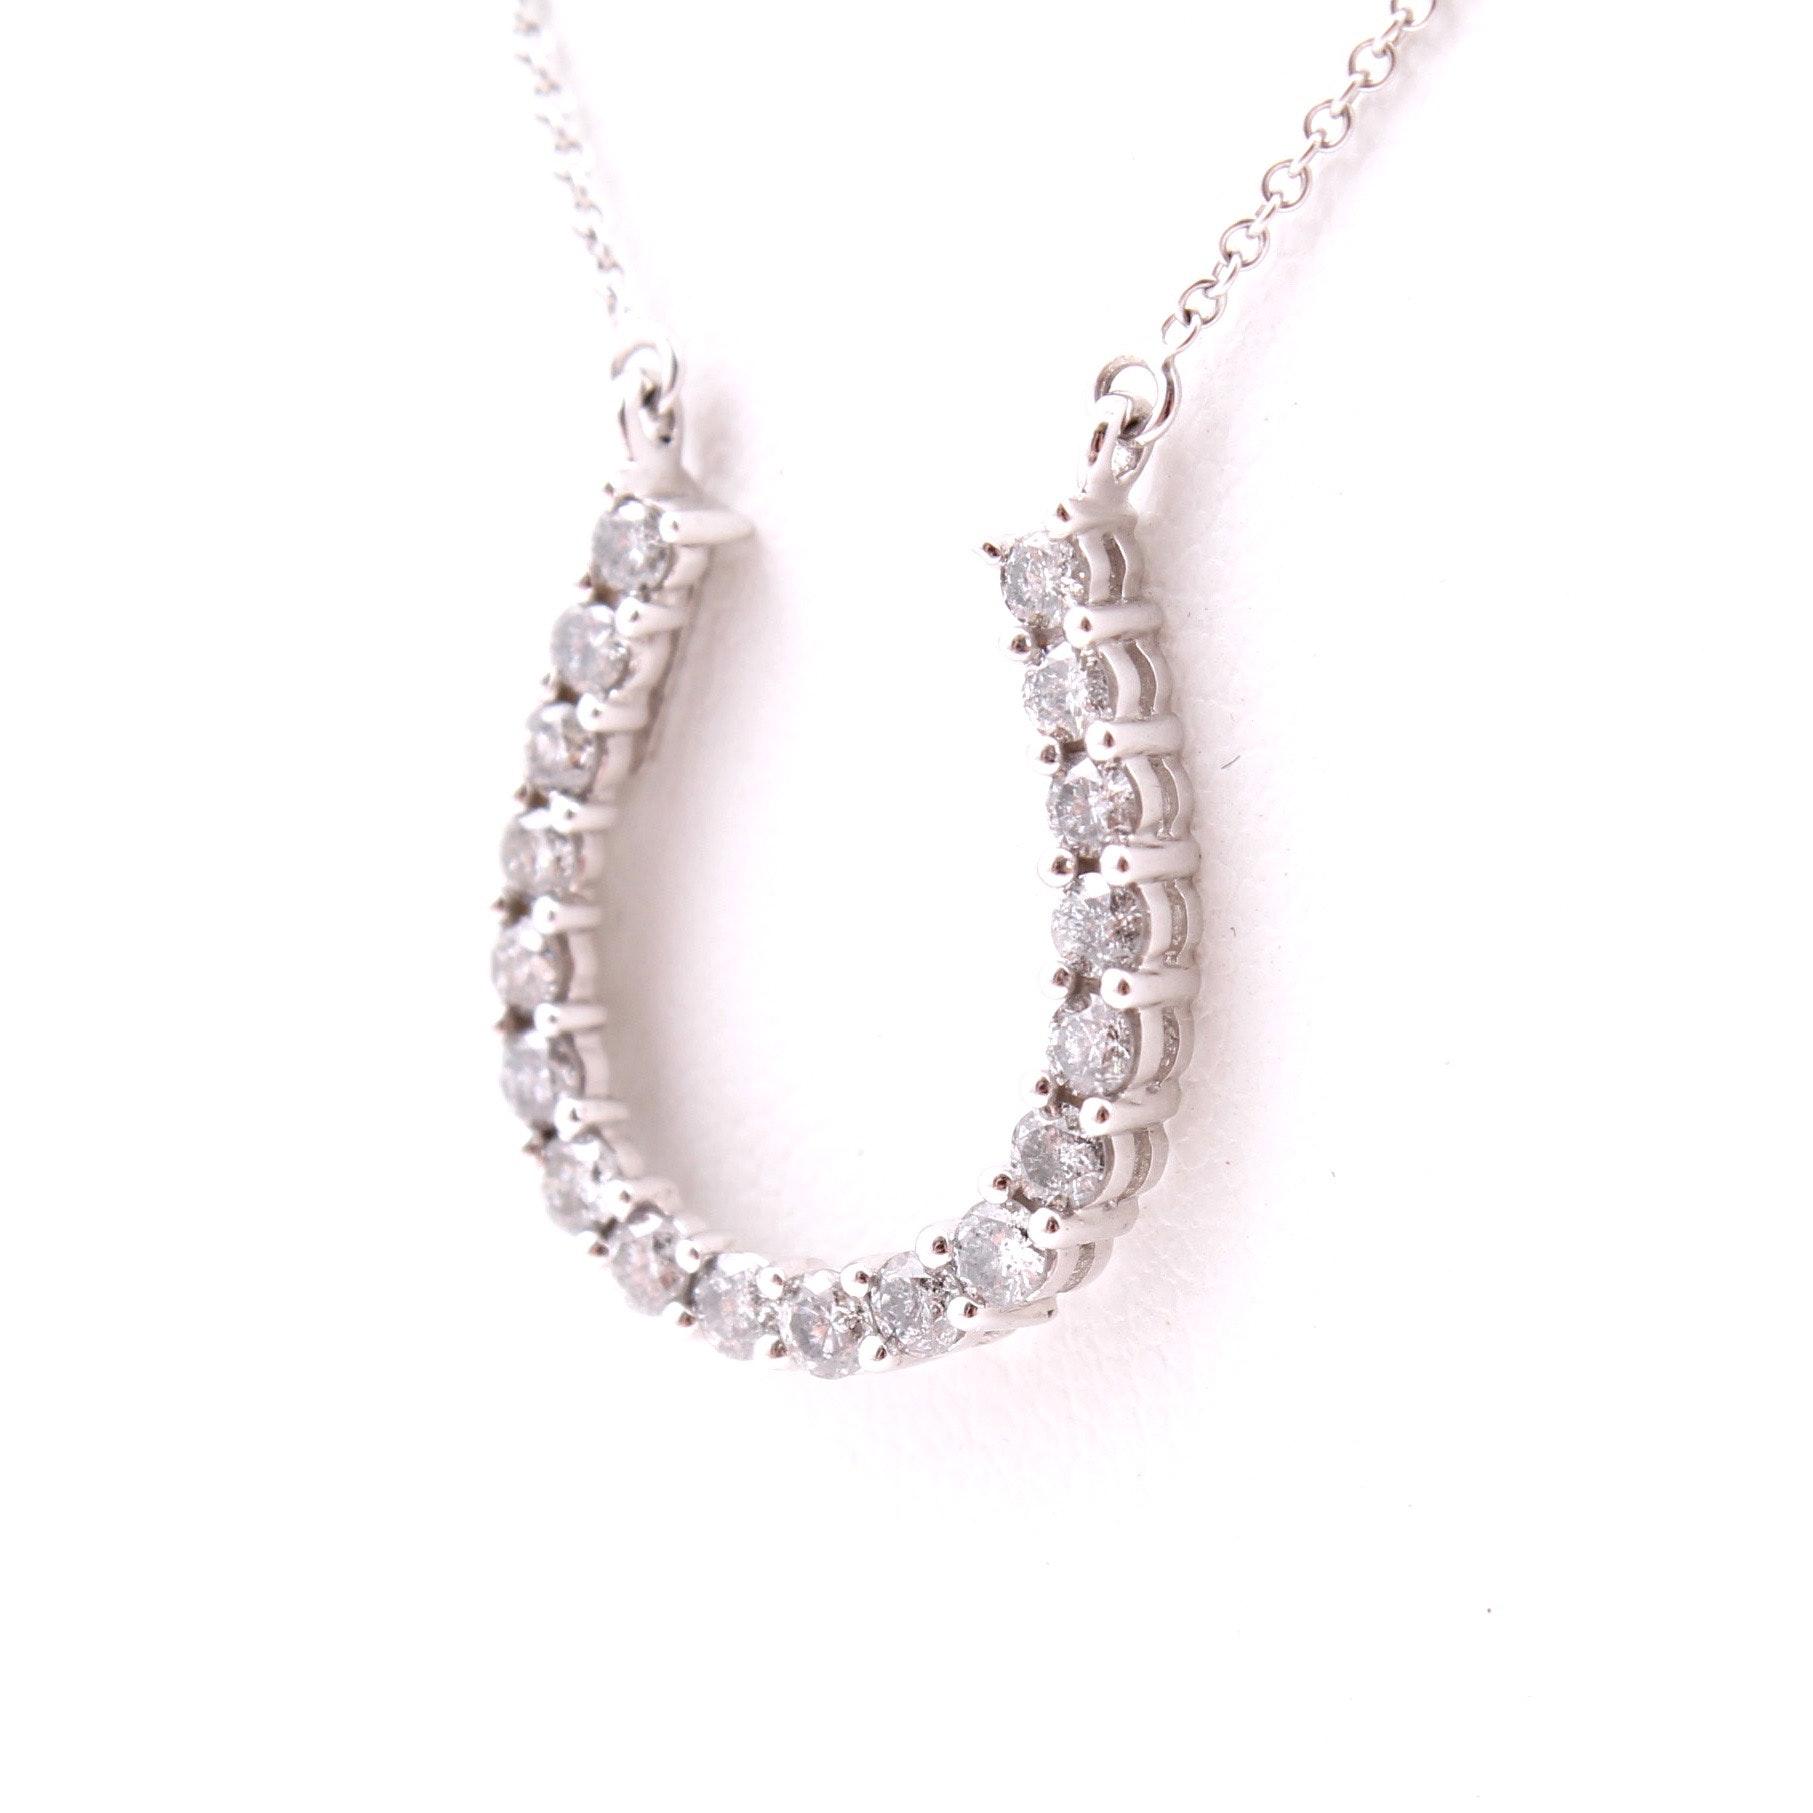 14K White Gold 1.00 CTW Diamond Horseshoe Necklace